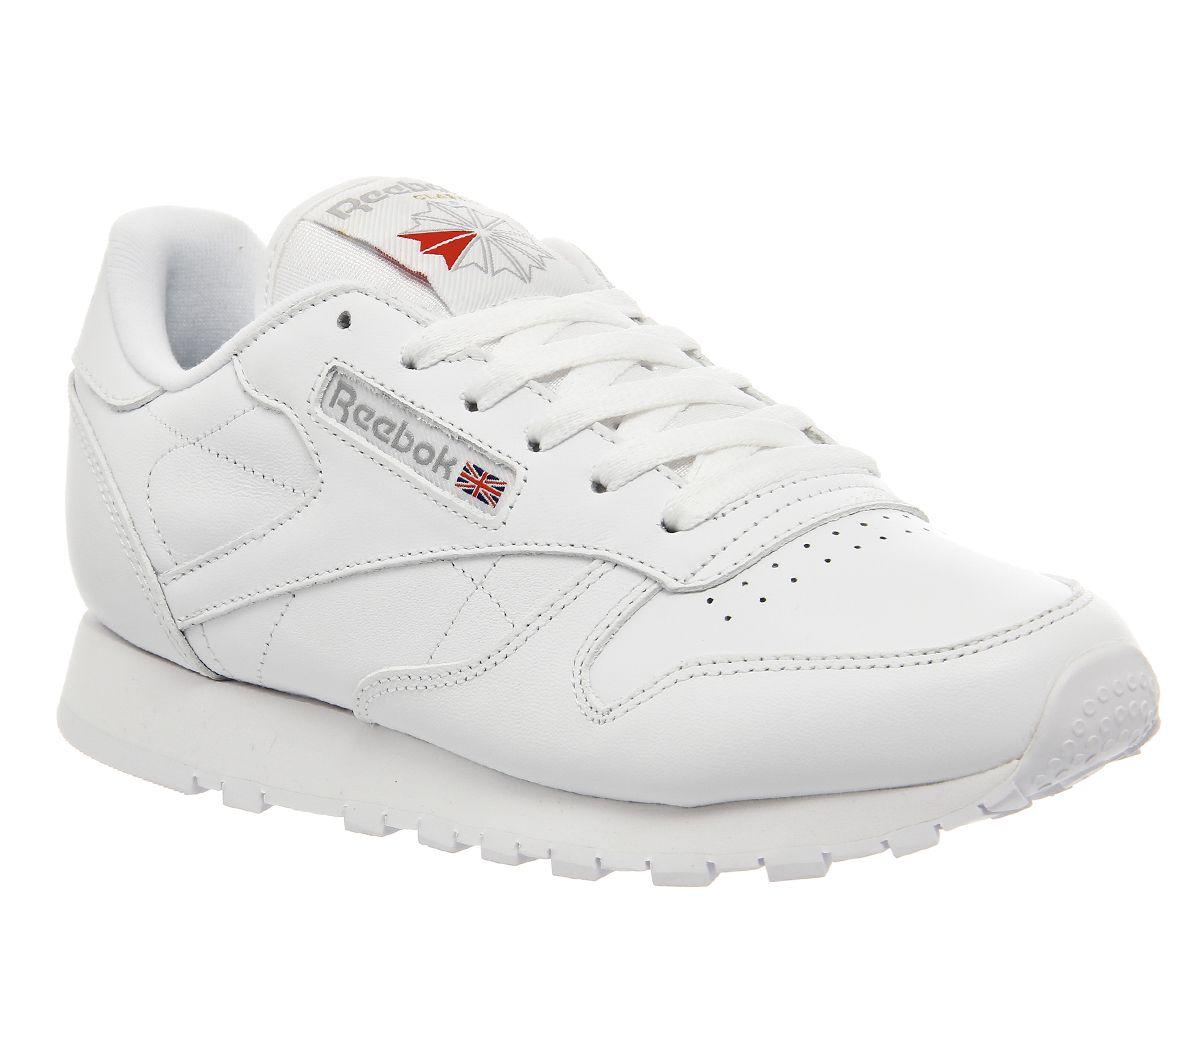 Brilliant Nike Air Huarache 2015 All White Women Shoes